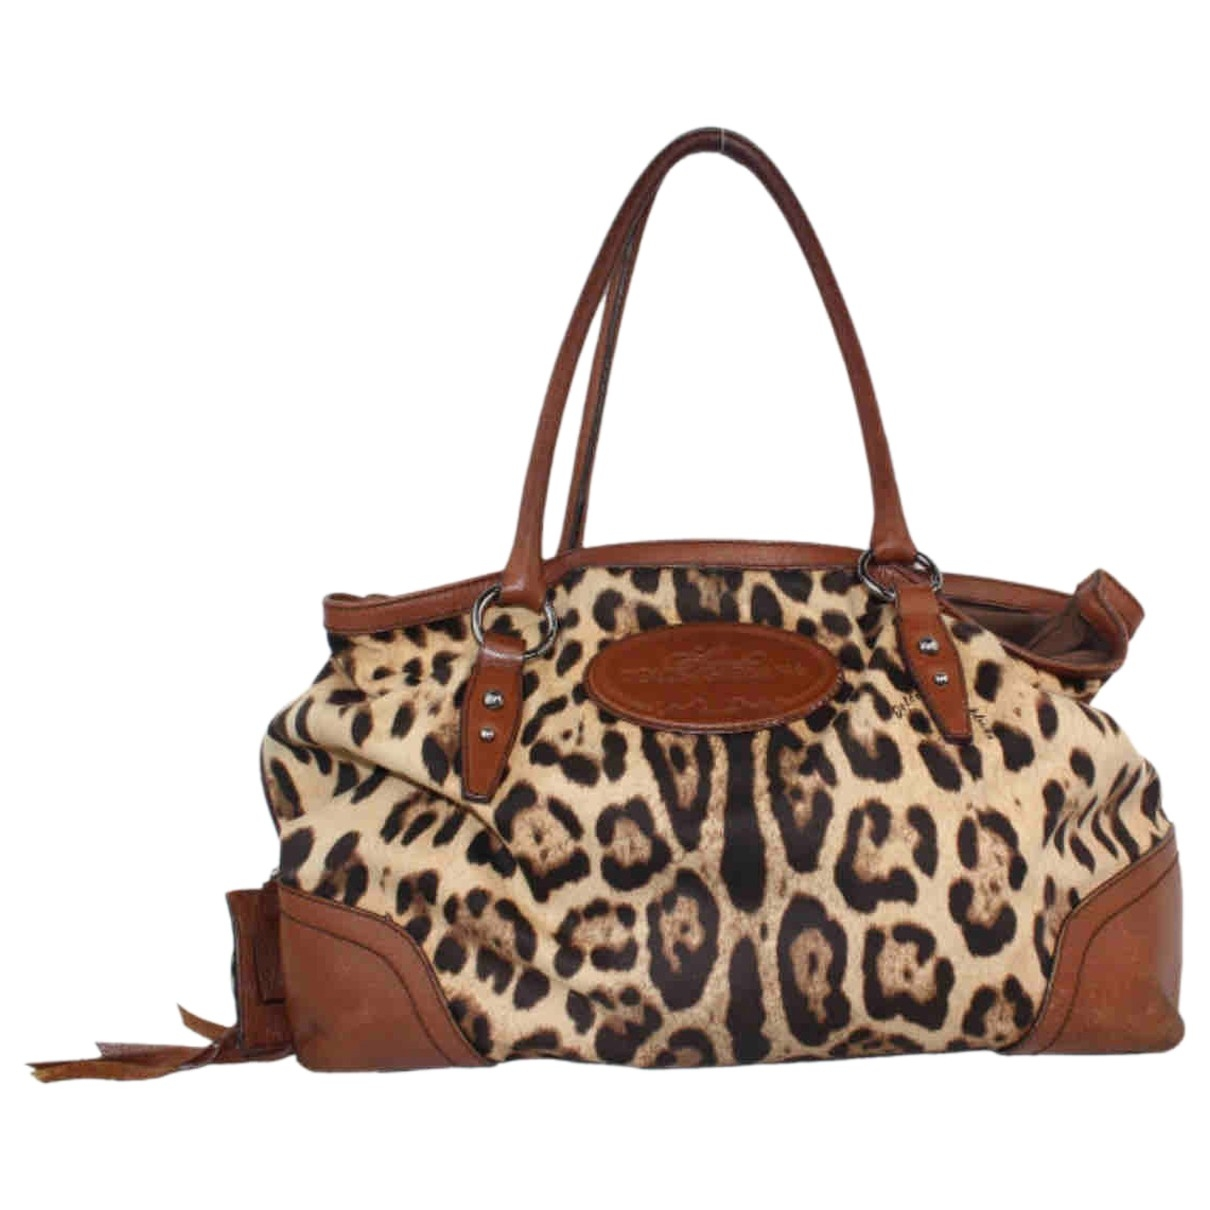 Dolce & Gabbana \N Handtasche in  Braun Leinen